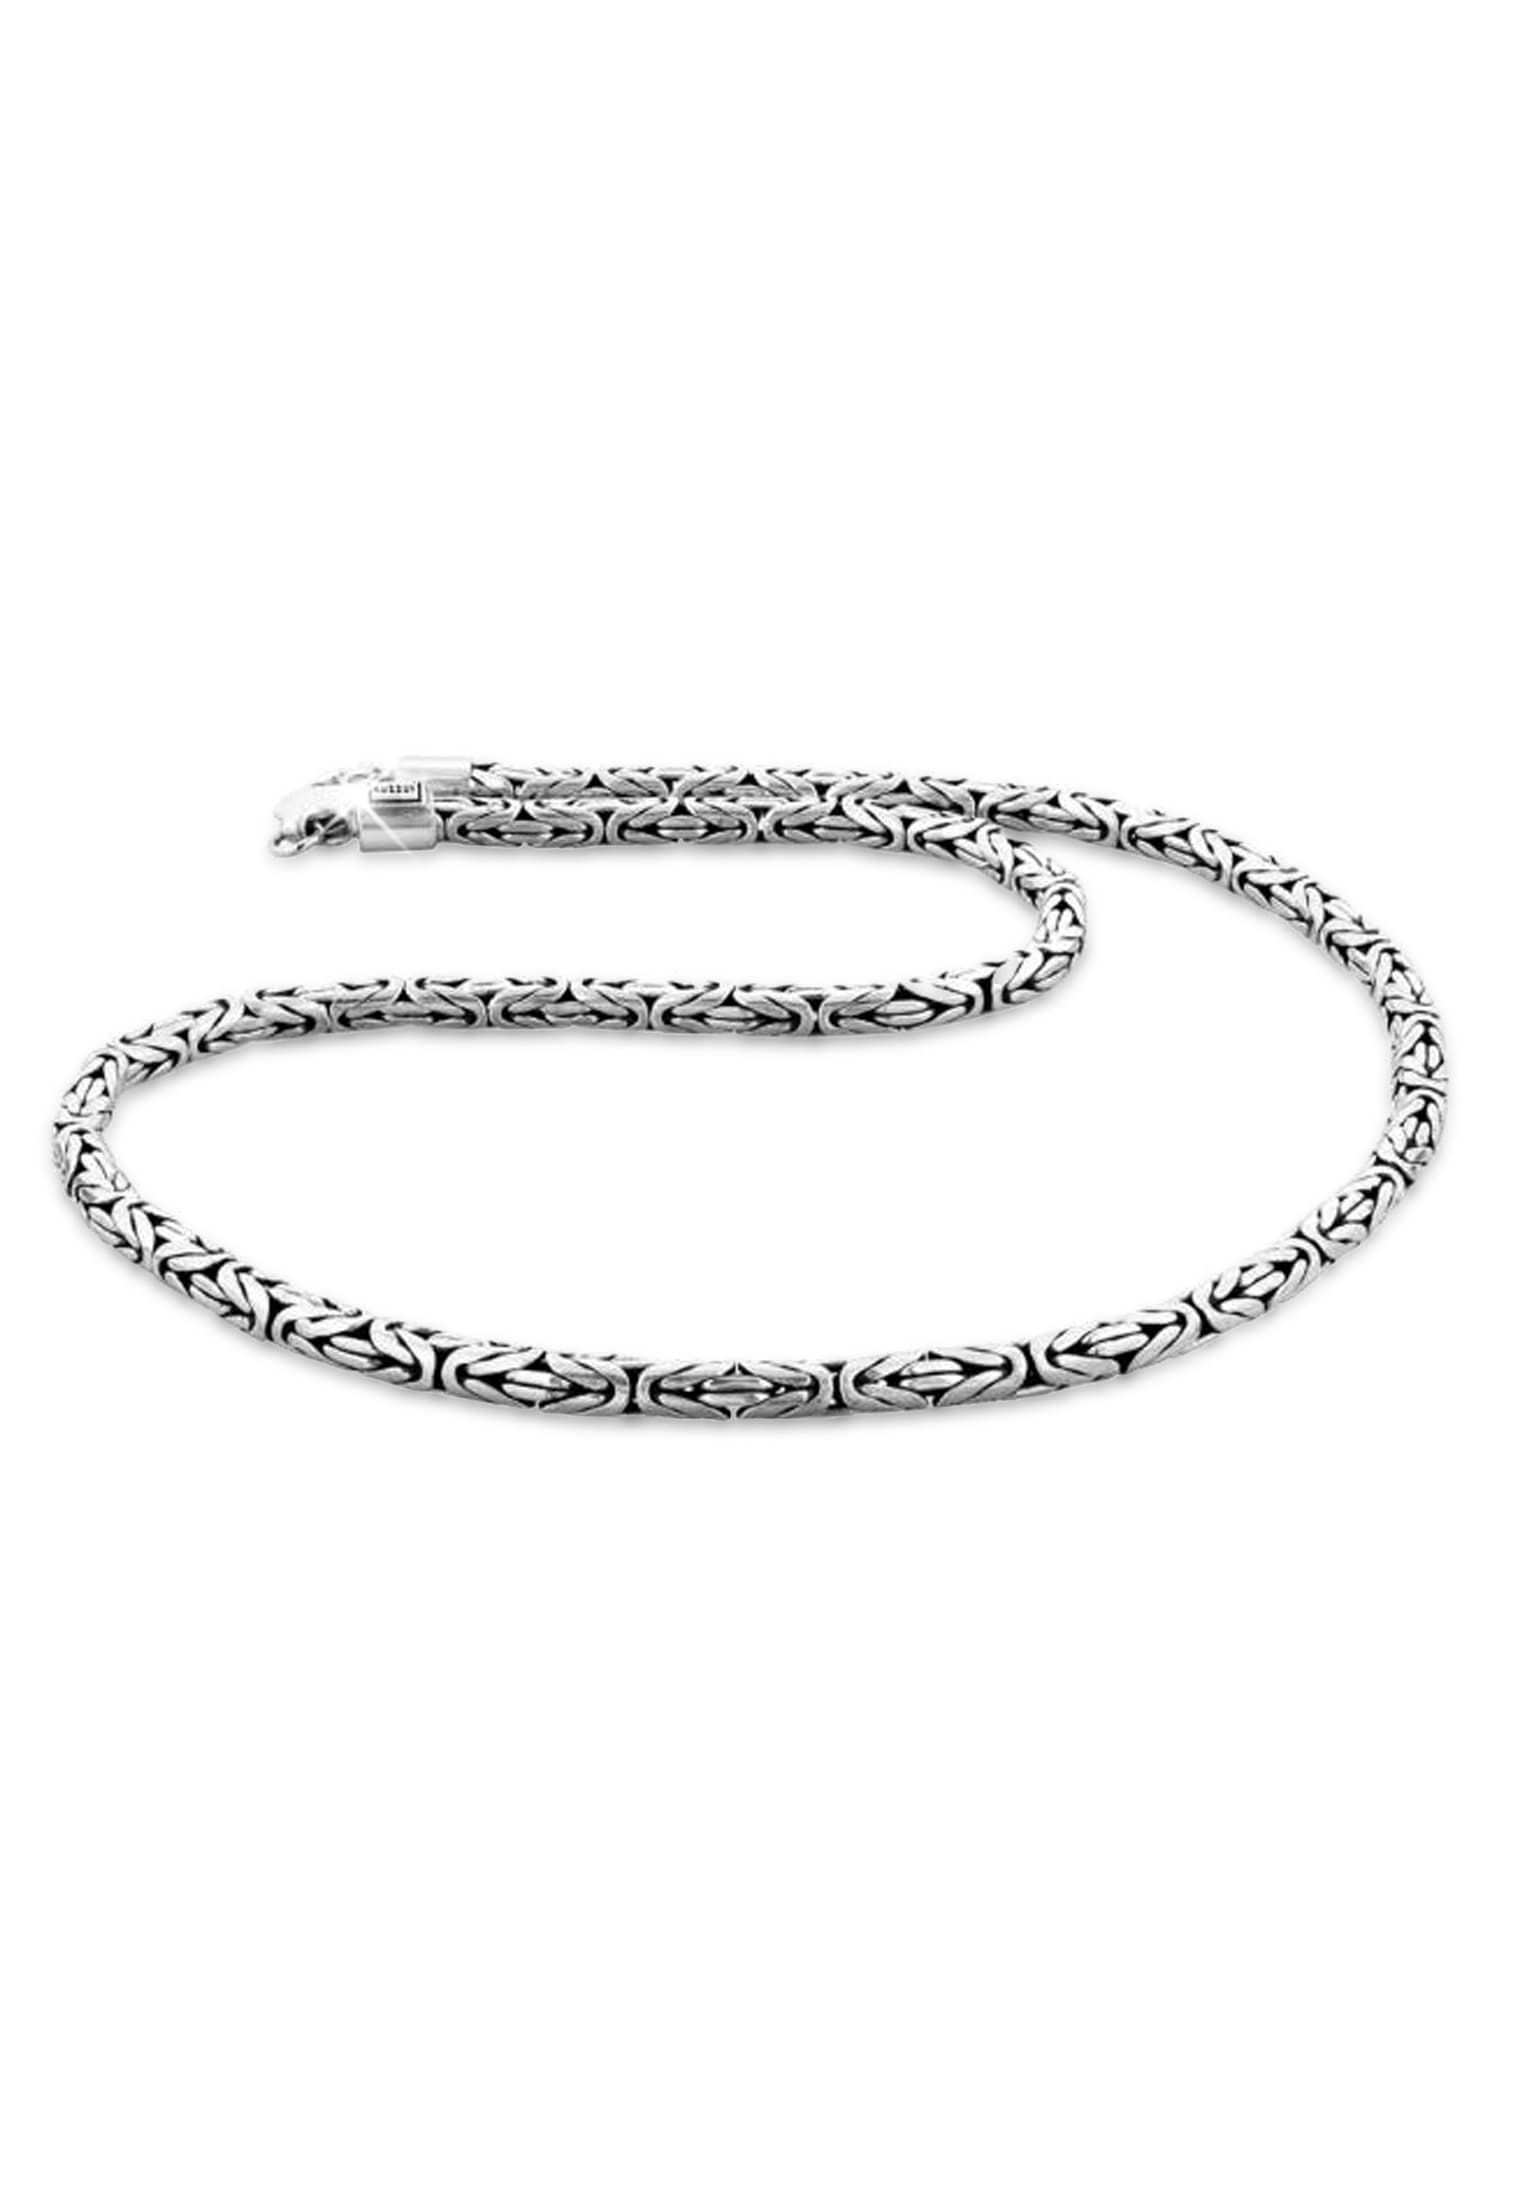 Kuzzoi Silberkette Herren Glieder Königskette Oxidiert 925 Silber | Schmuck | Kuzzoi